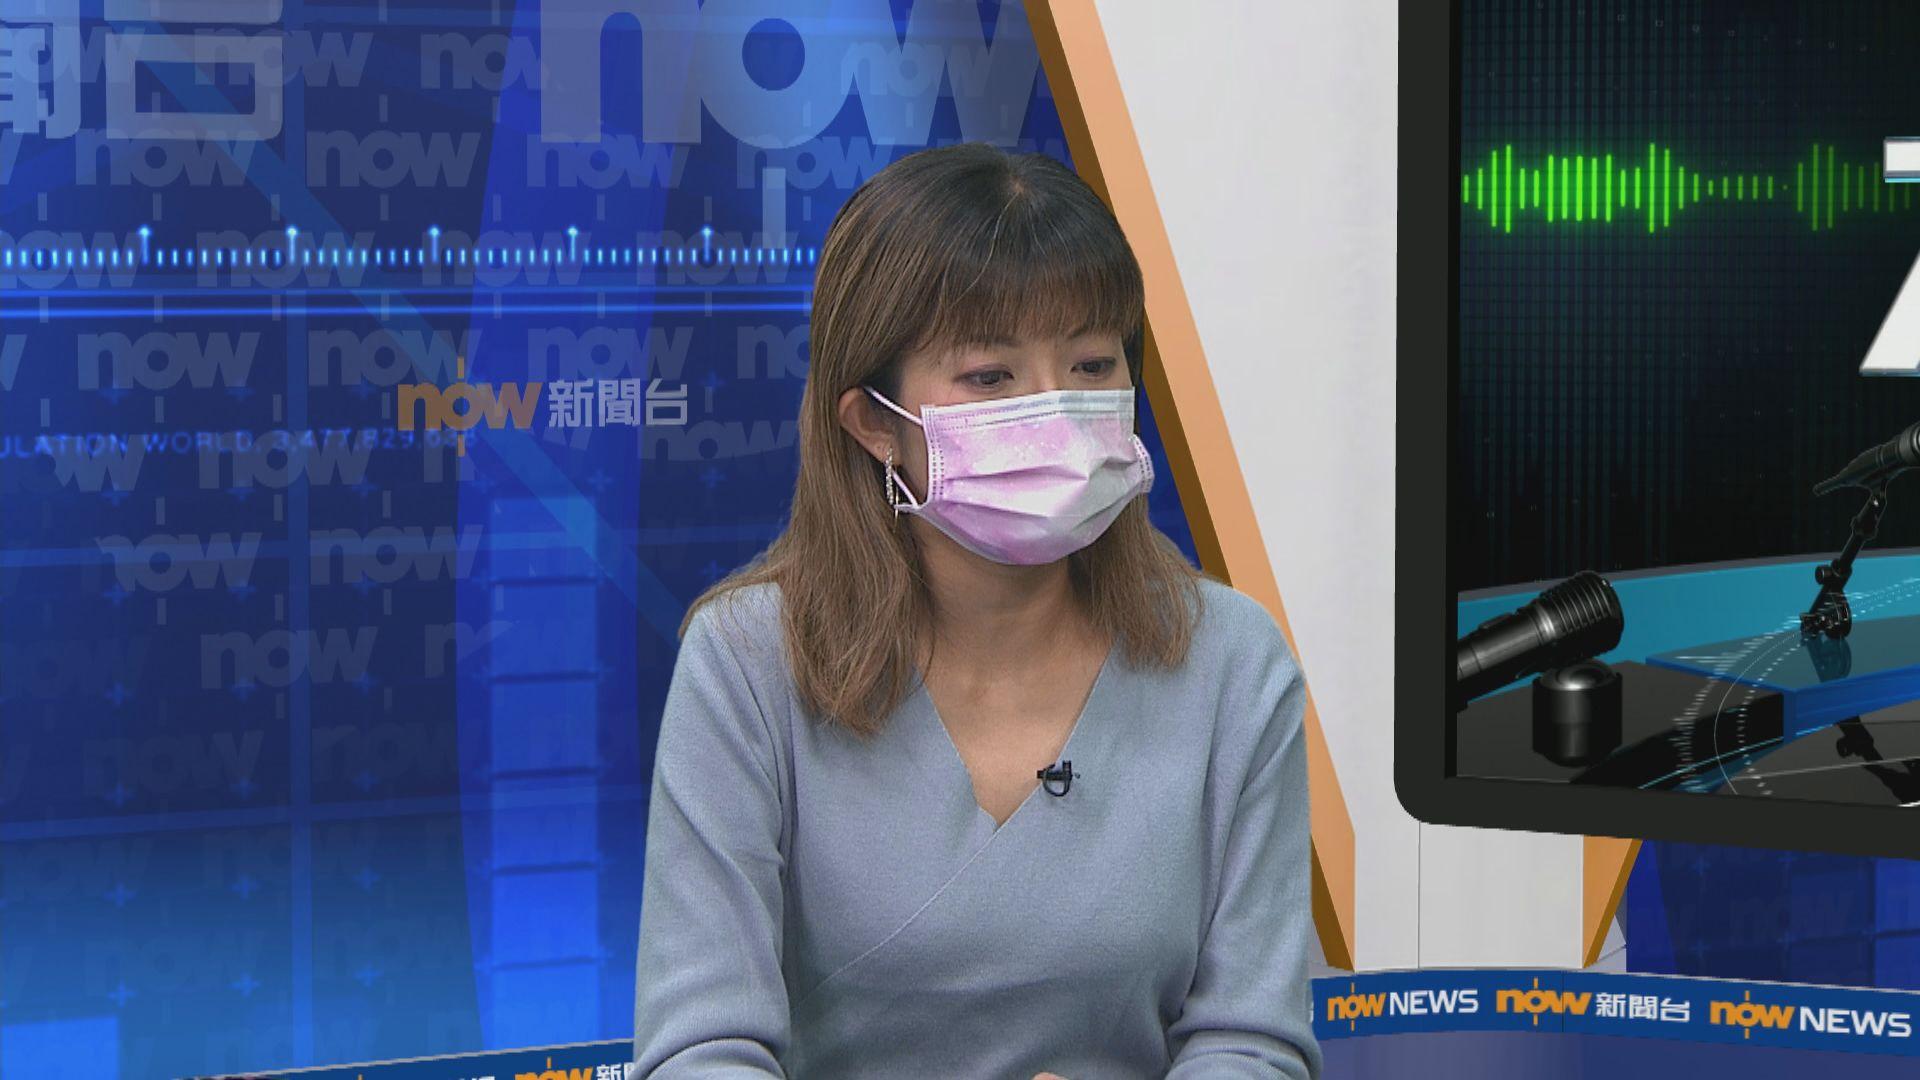 馬仲儀:醫管局承諾向院內感染員工賠償